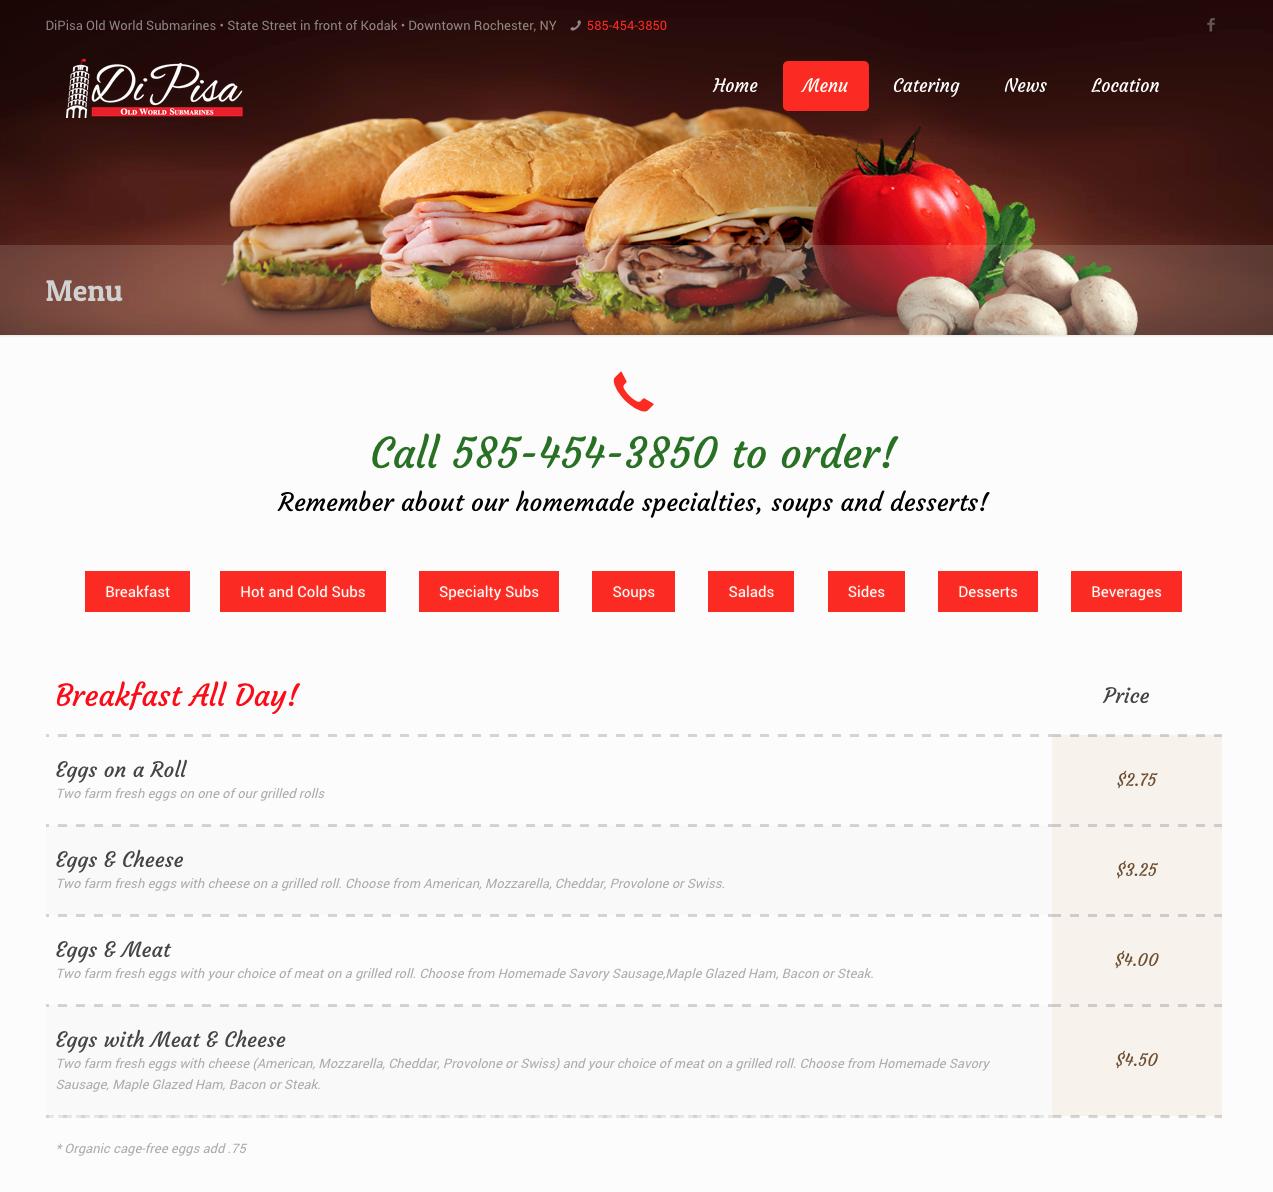 DiPisa Website Menu